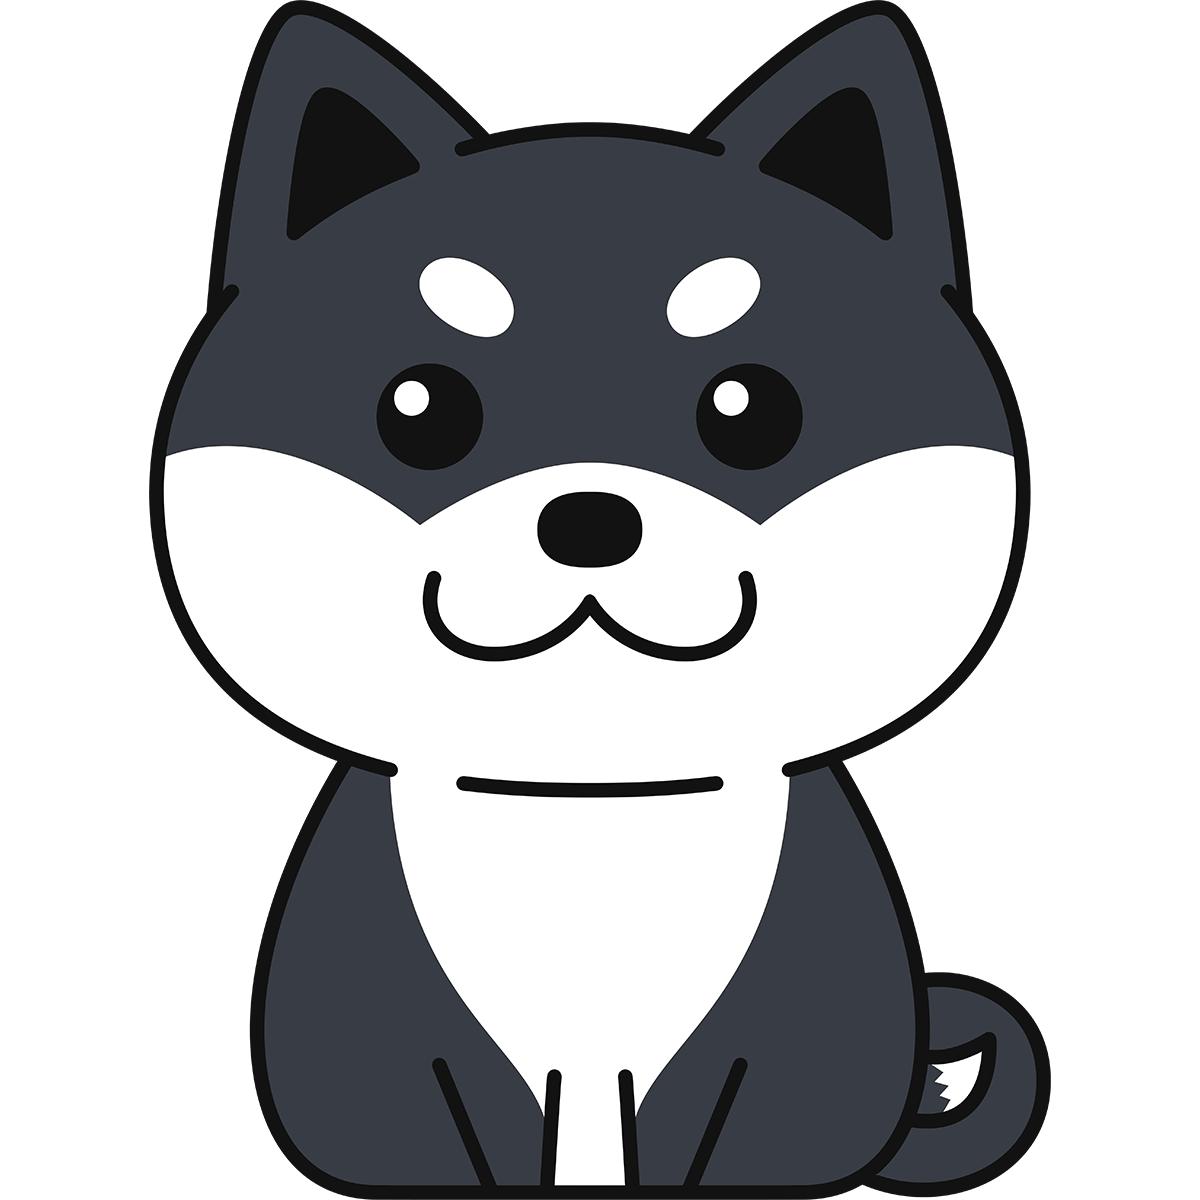 座る黒柴(柴犬)の無料イラスト